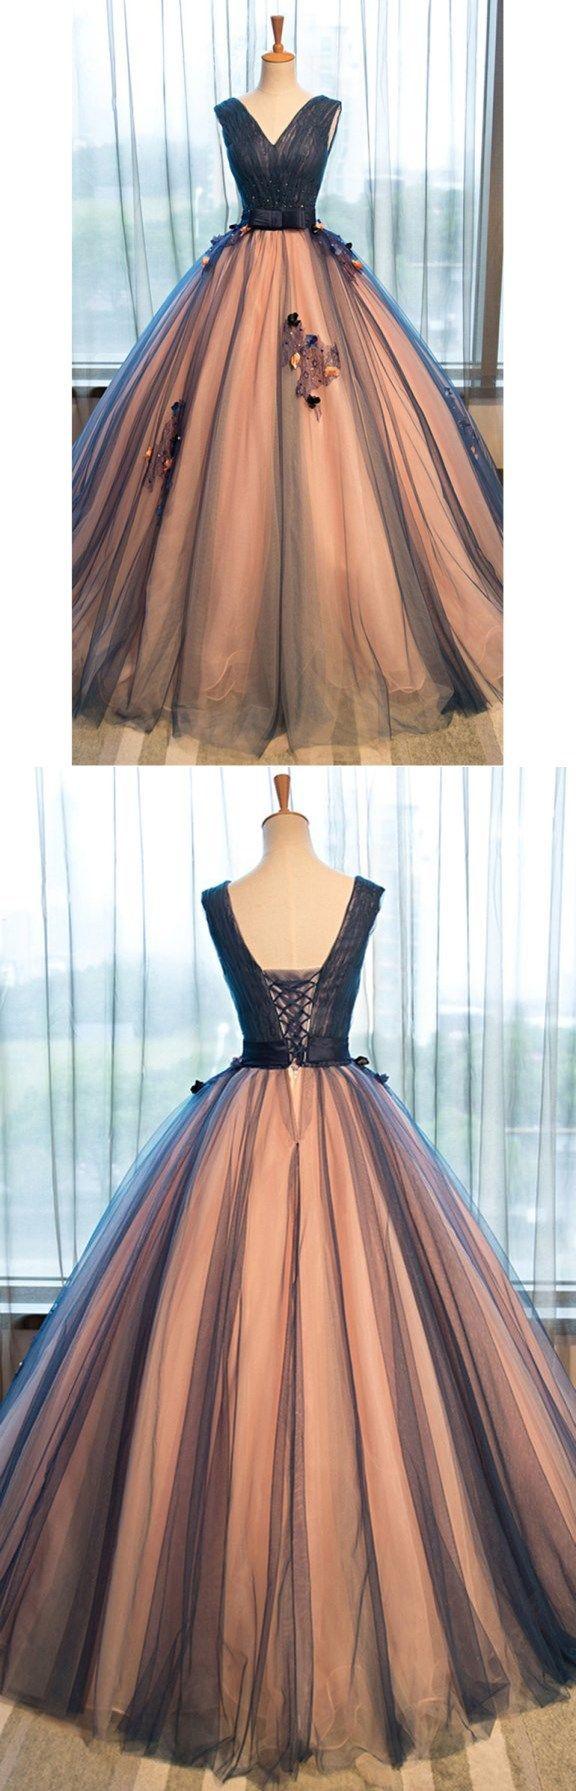 abendkleider lang, festliche kleider, kommunionskleider, partykleider, schöne kleider #eveningdresses